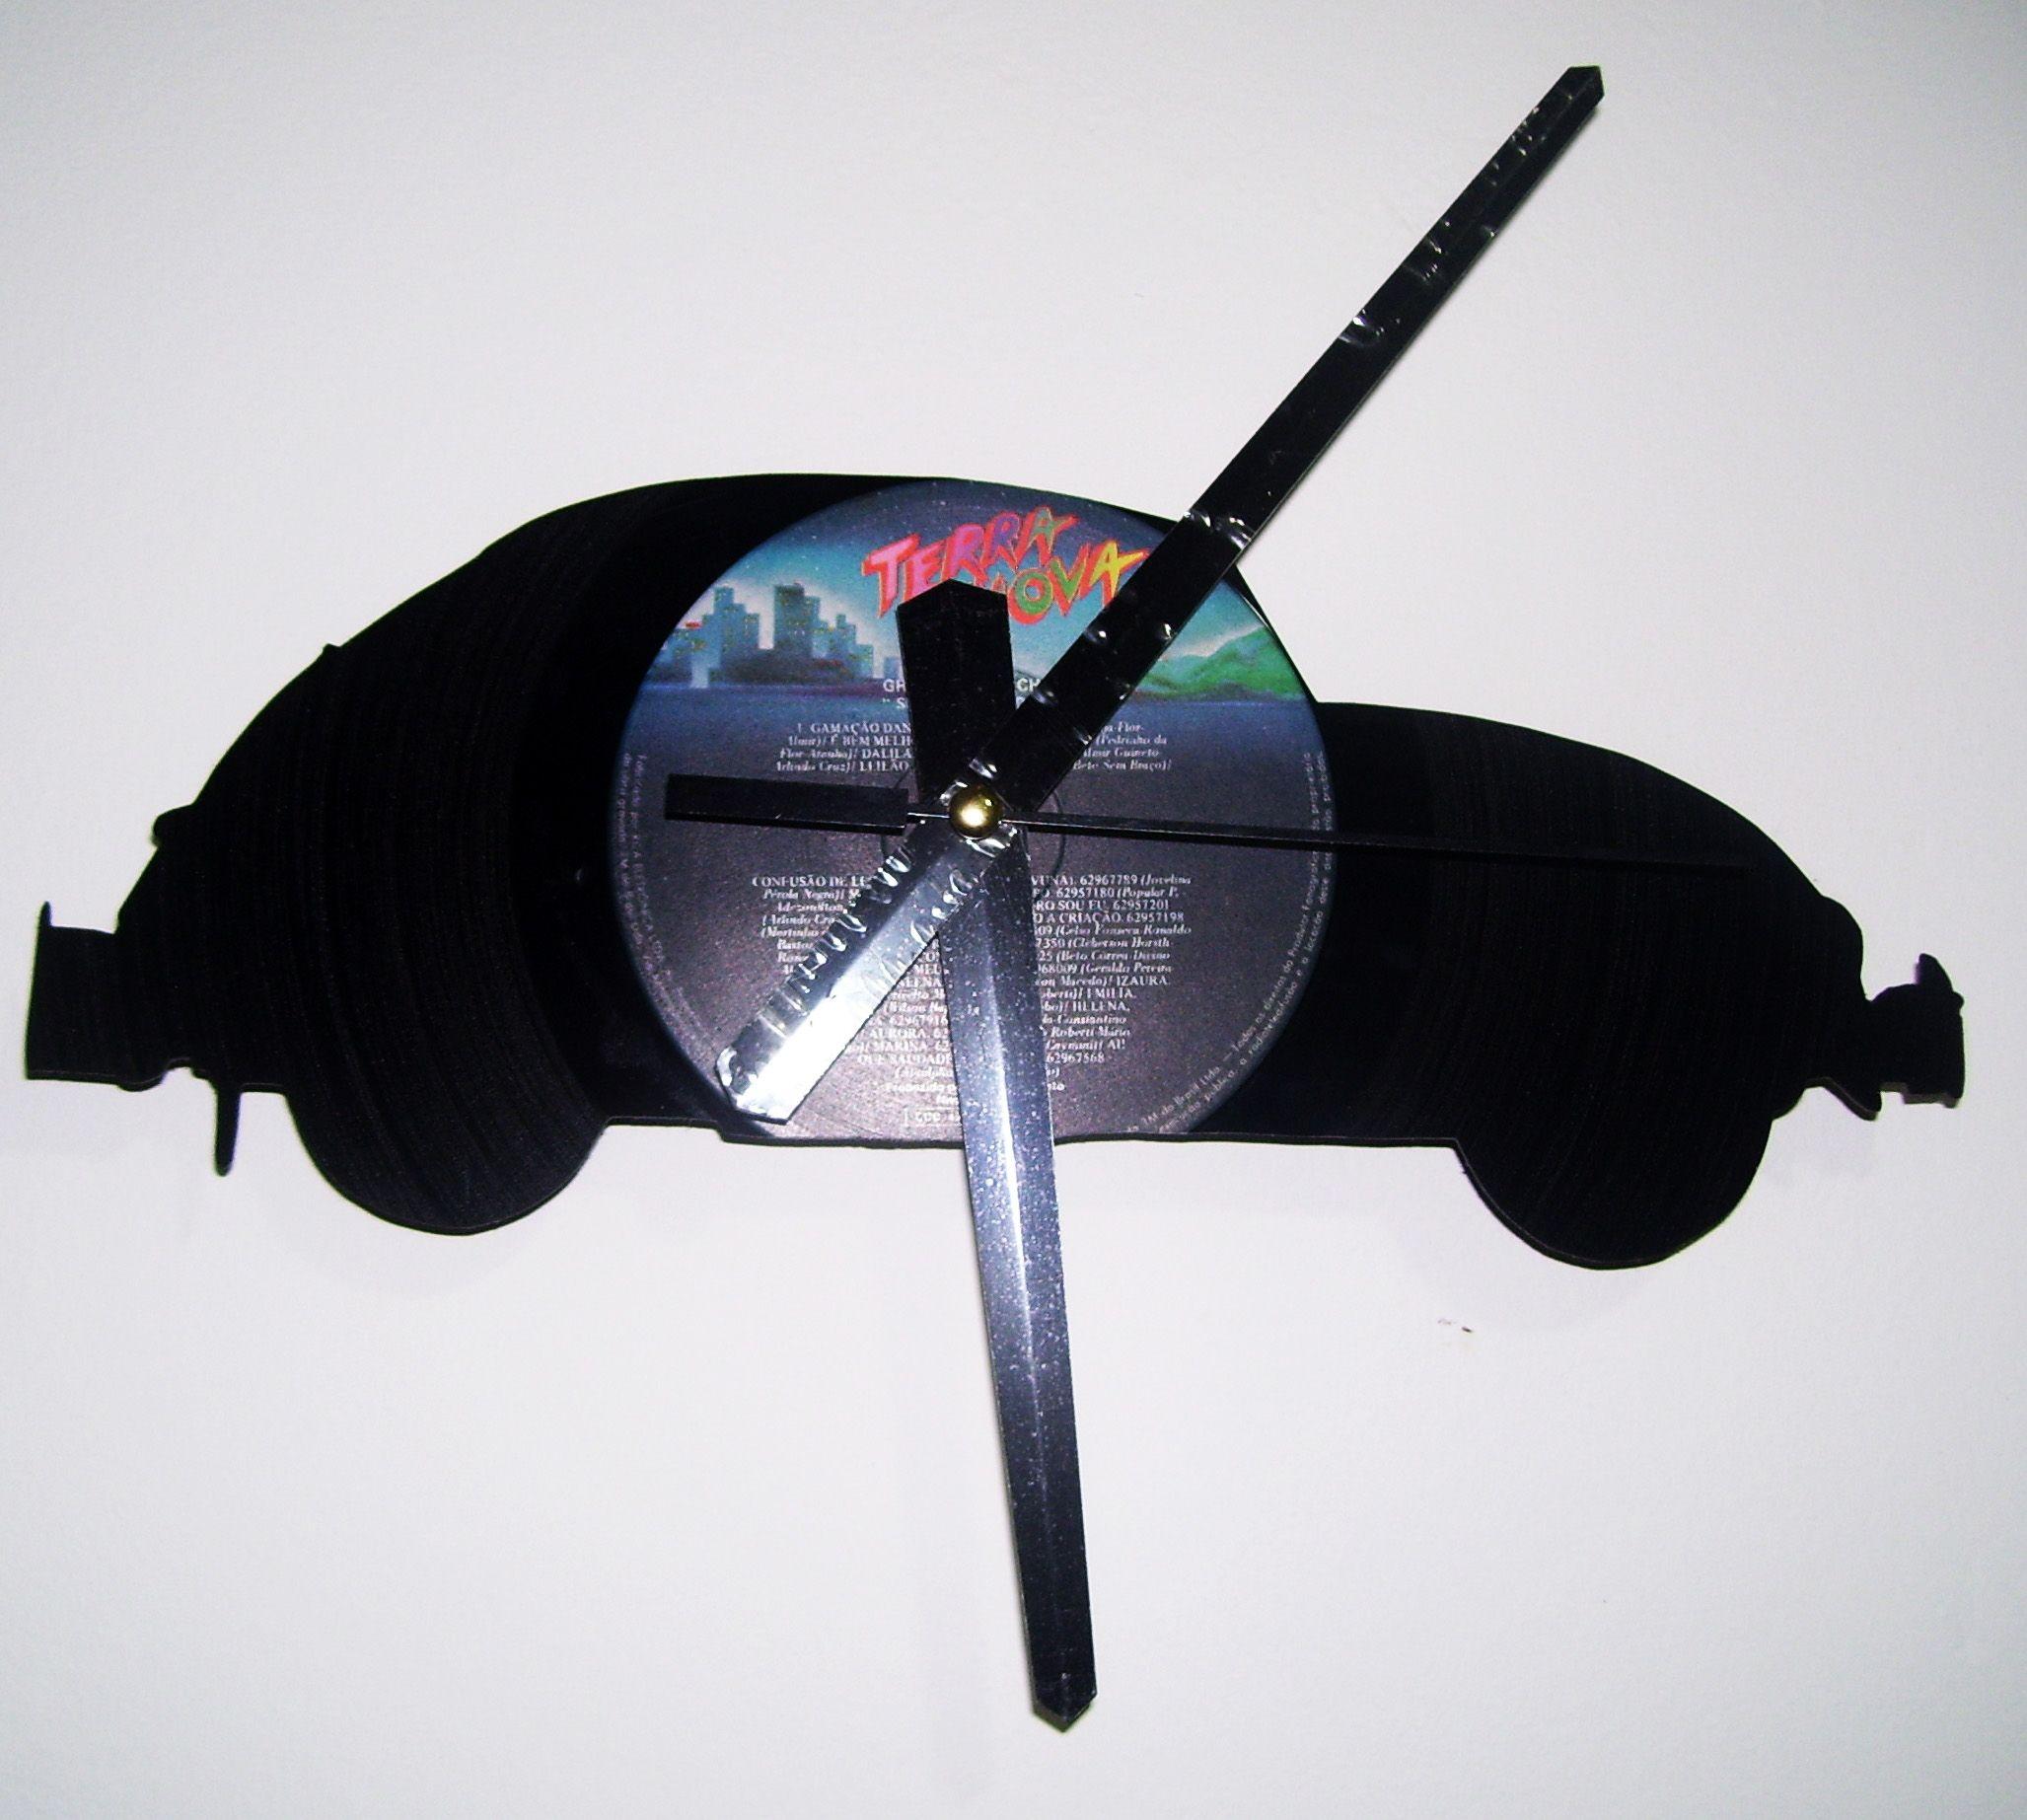 e191a4b5ab6 Discos de vinil transformados em relógios reciclados em diversos ...